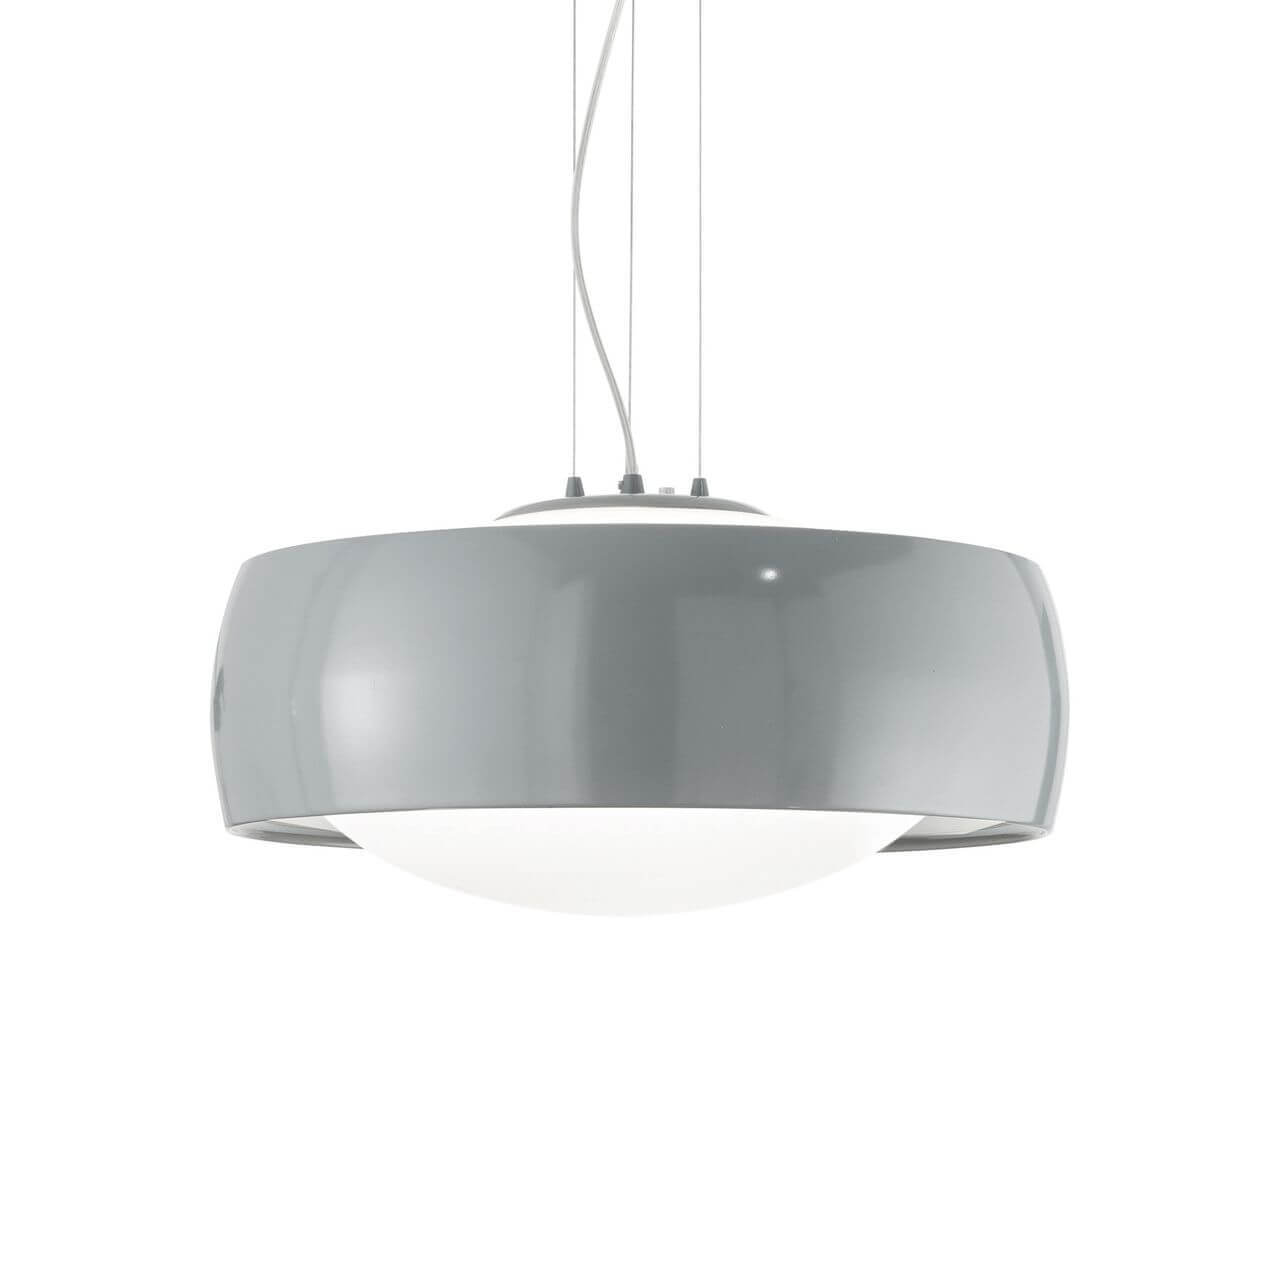 лучшая цена Подвесной светильник Ideal Lux Comfort SP1 Grigio